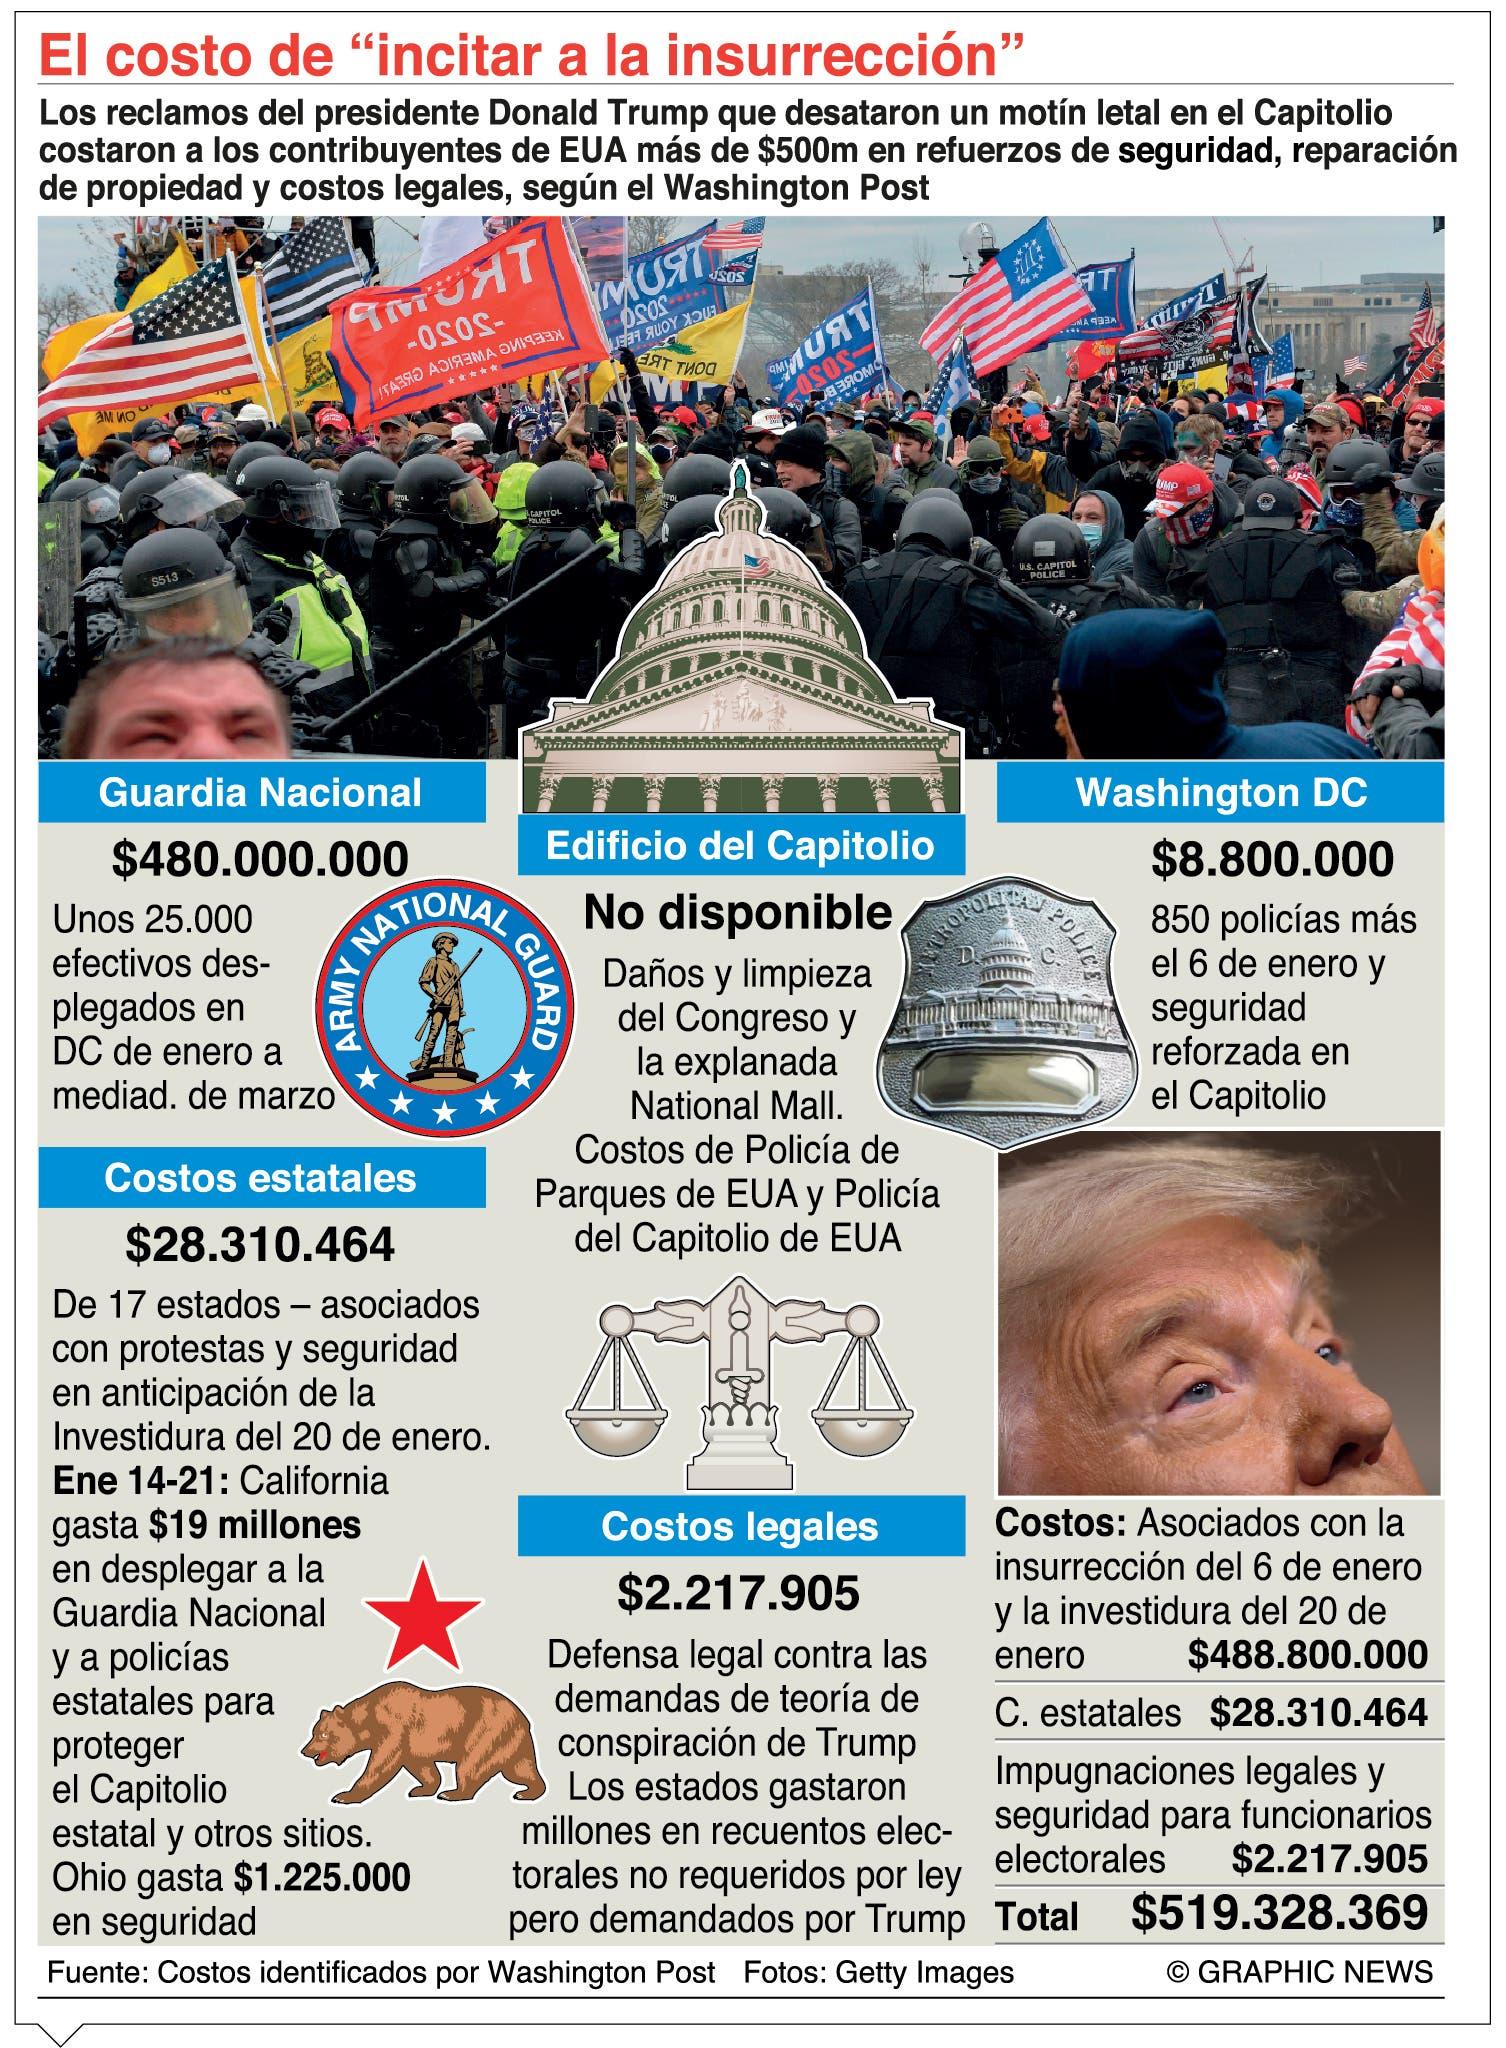 Fiscales señalan que Trump incitó a asaltar el Capitolio